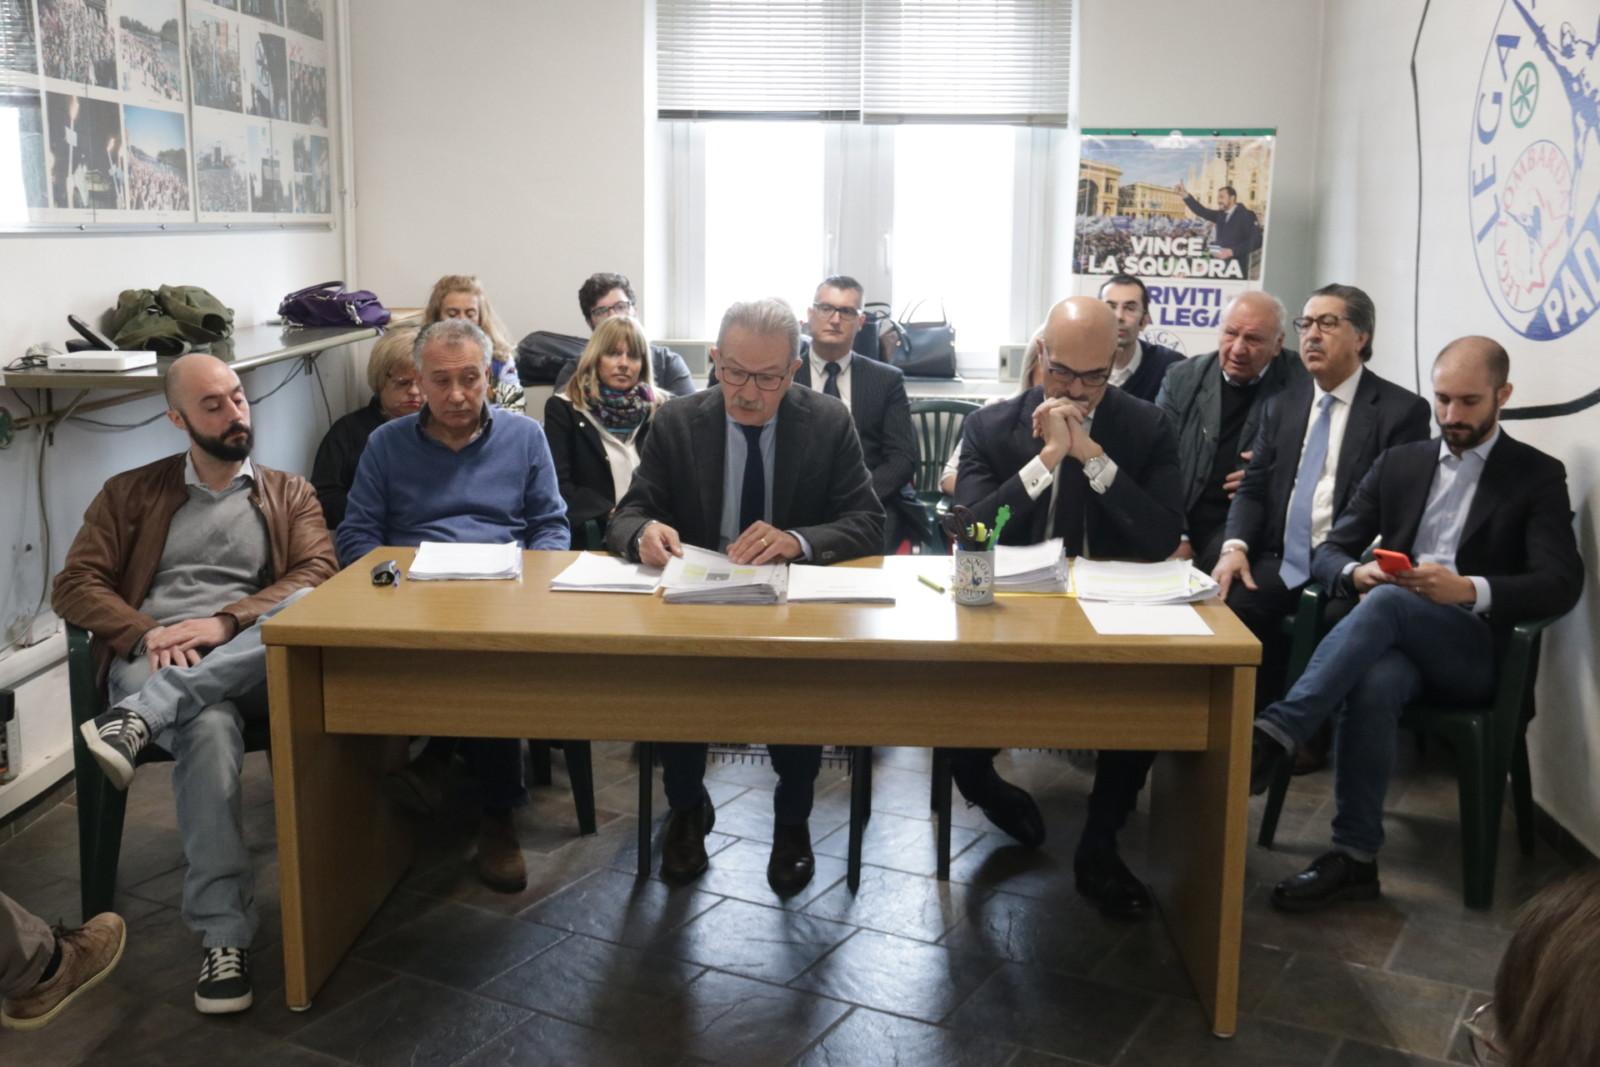 legnano sindaco, assessori consiglieri - conferenza stampa lega nord-9131576022777801538-IMG-5404